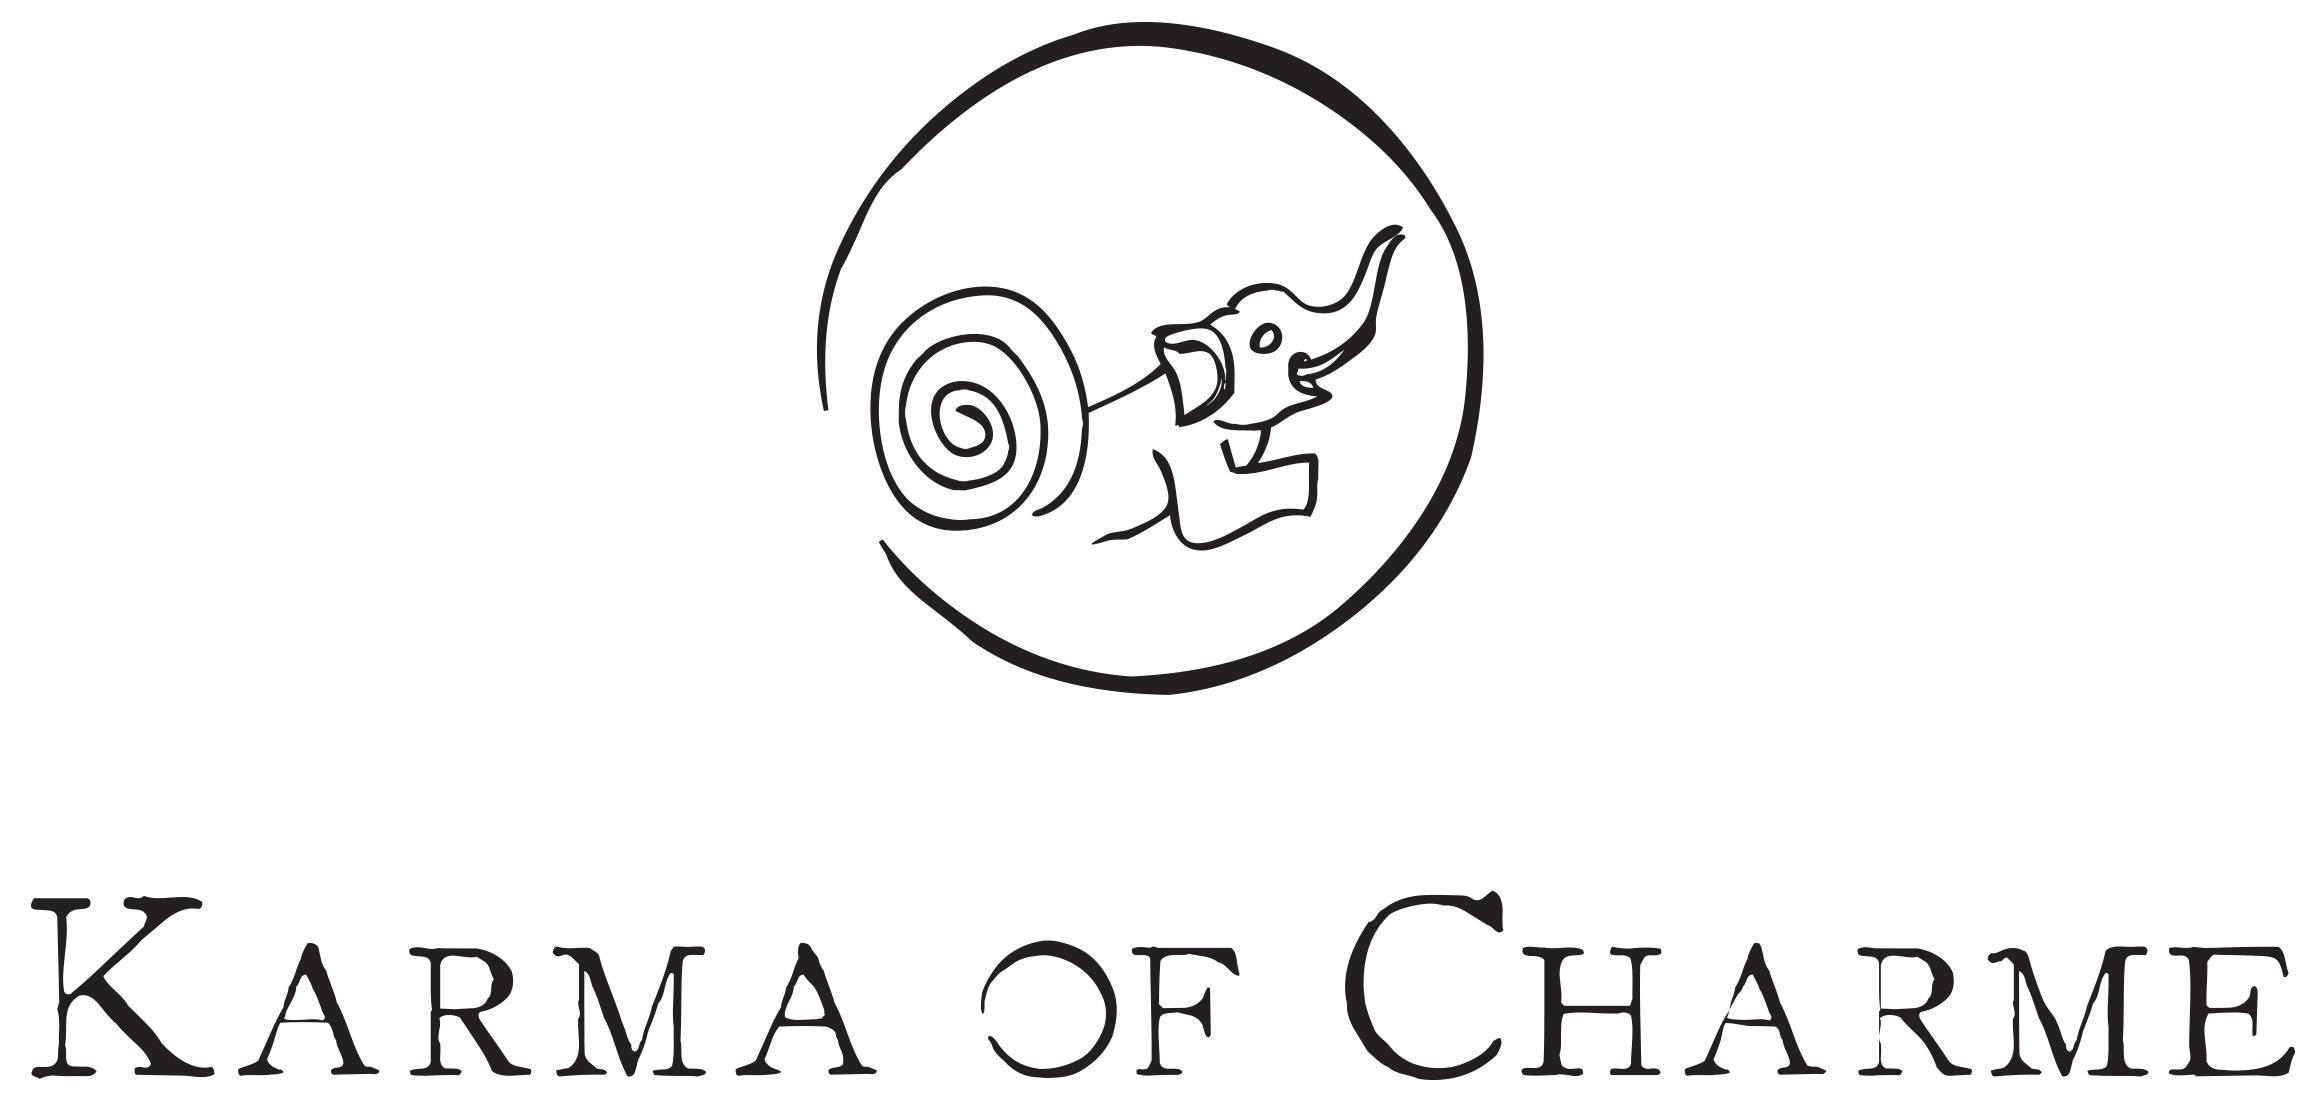 Karma of Charme